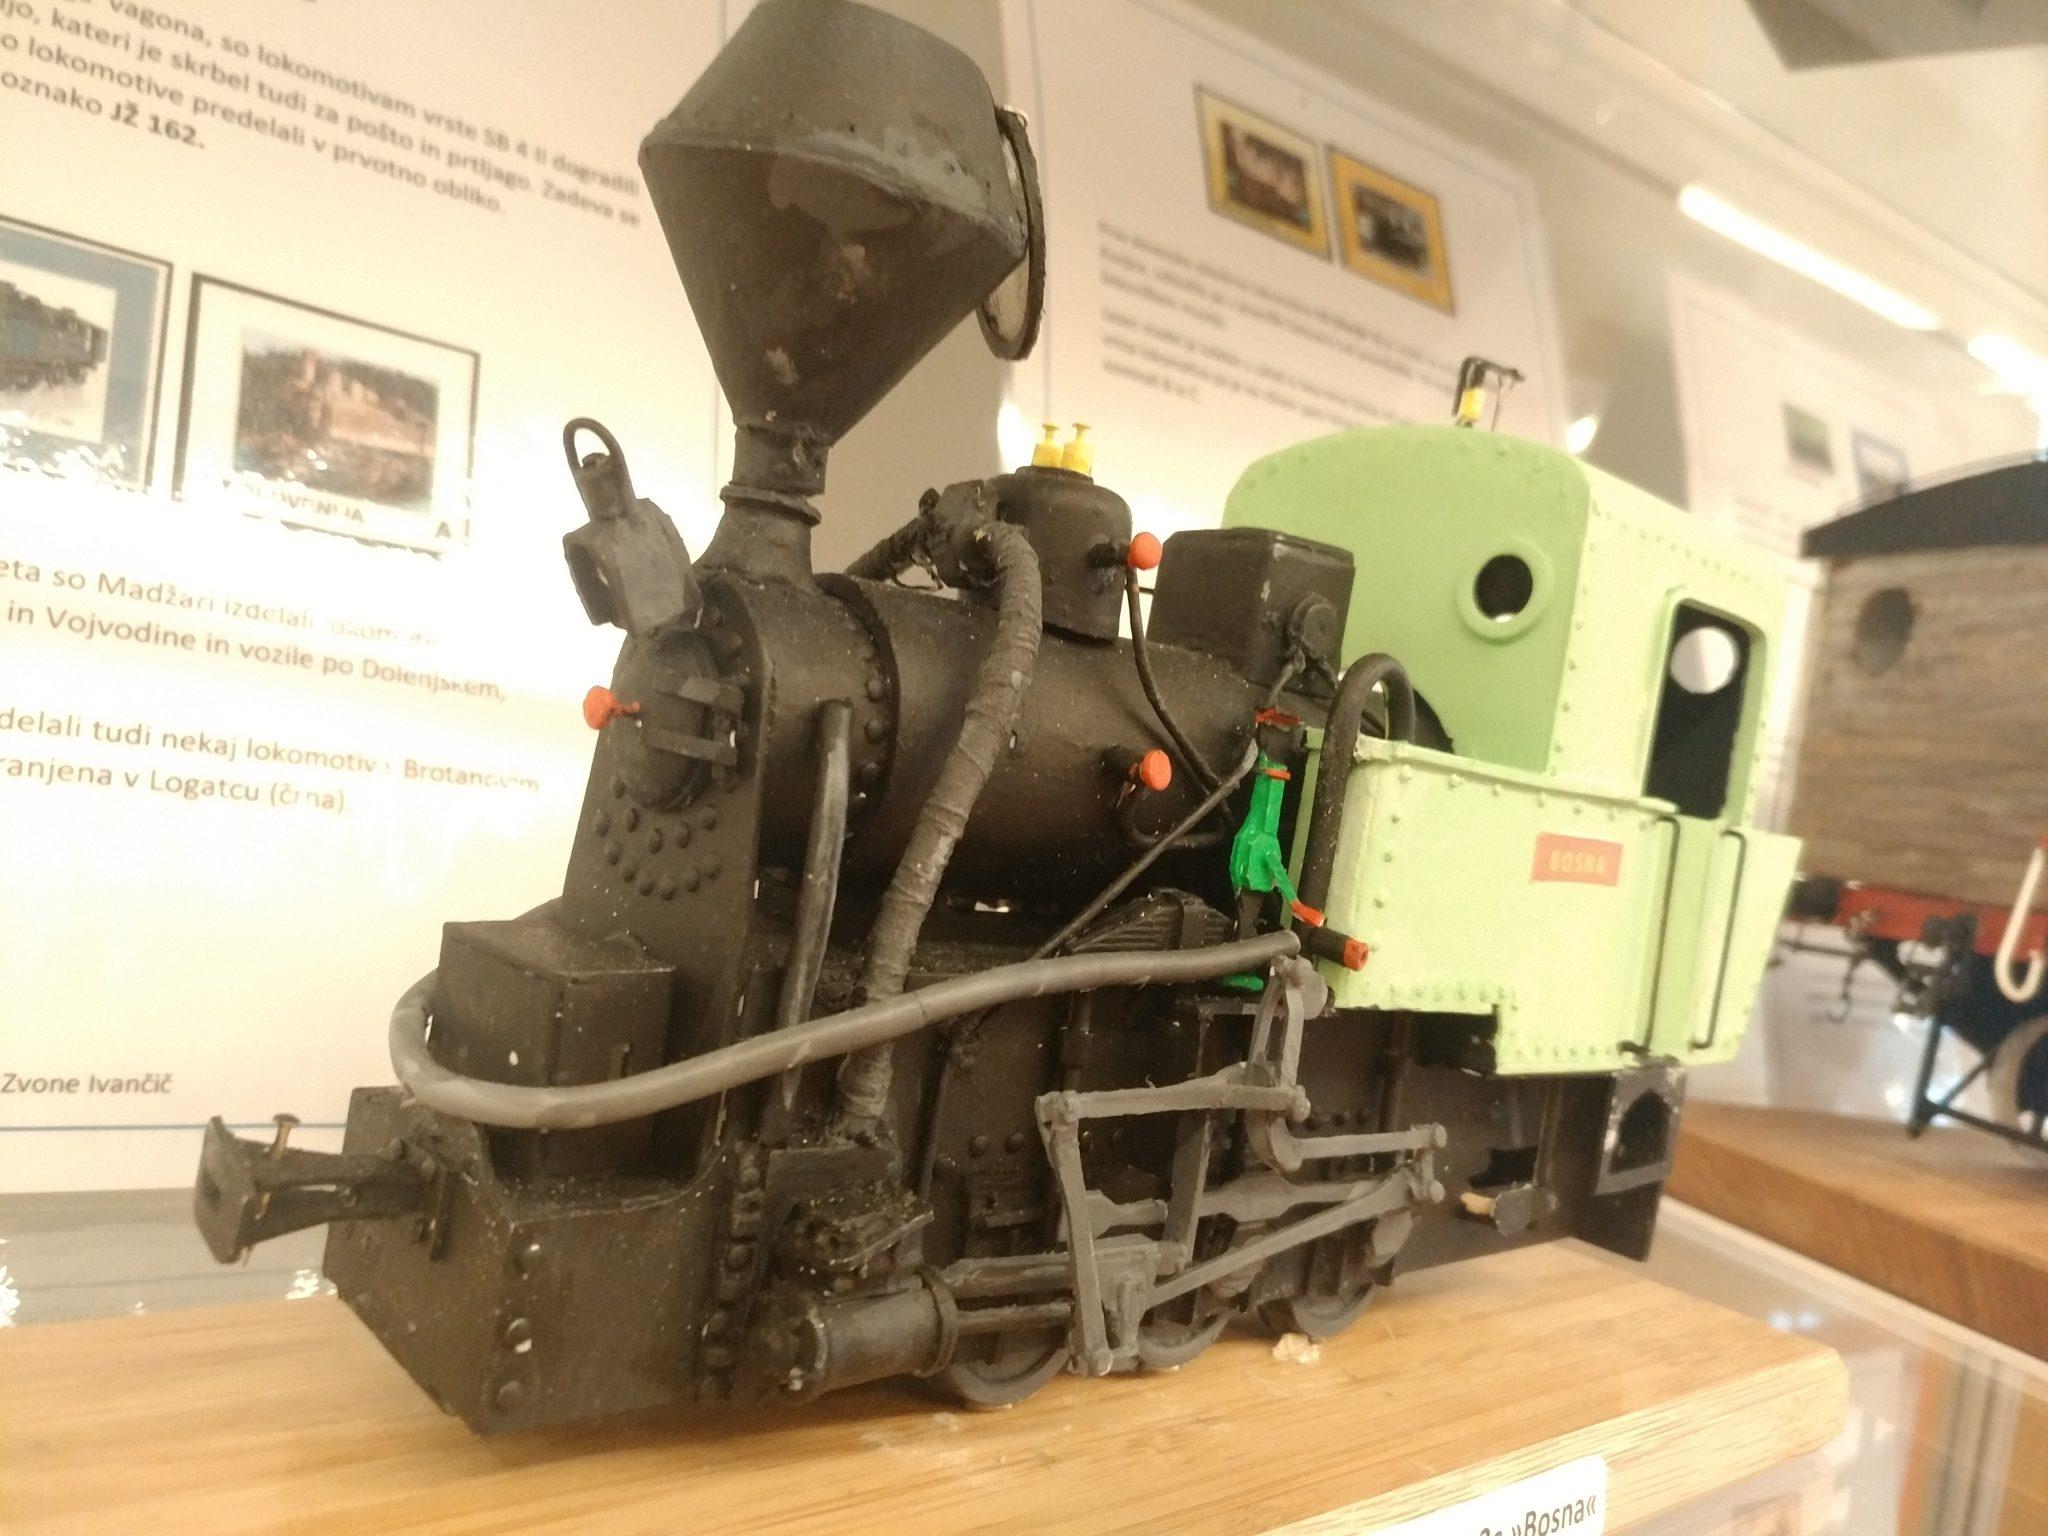 IMG 20181112 110853 - Zvone Ivančič: 160 let južne železnice – razstava maket lokomotiv in izbora znamk